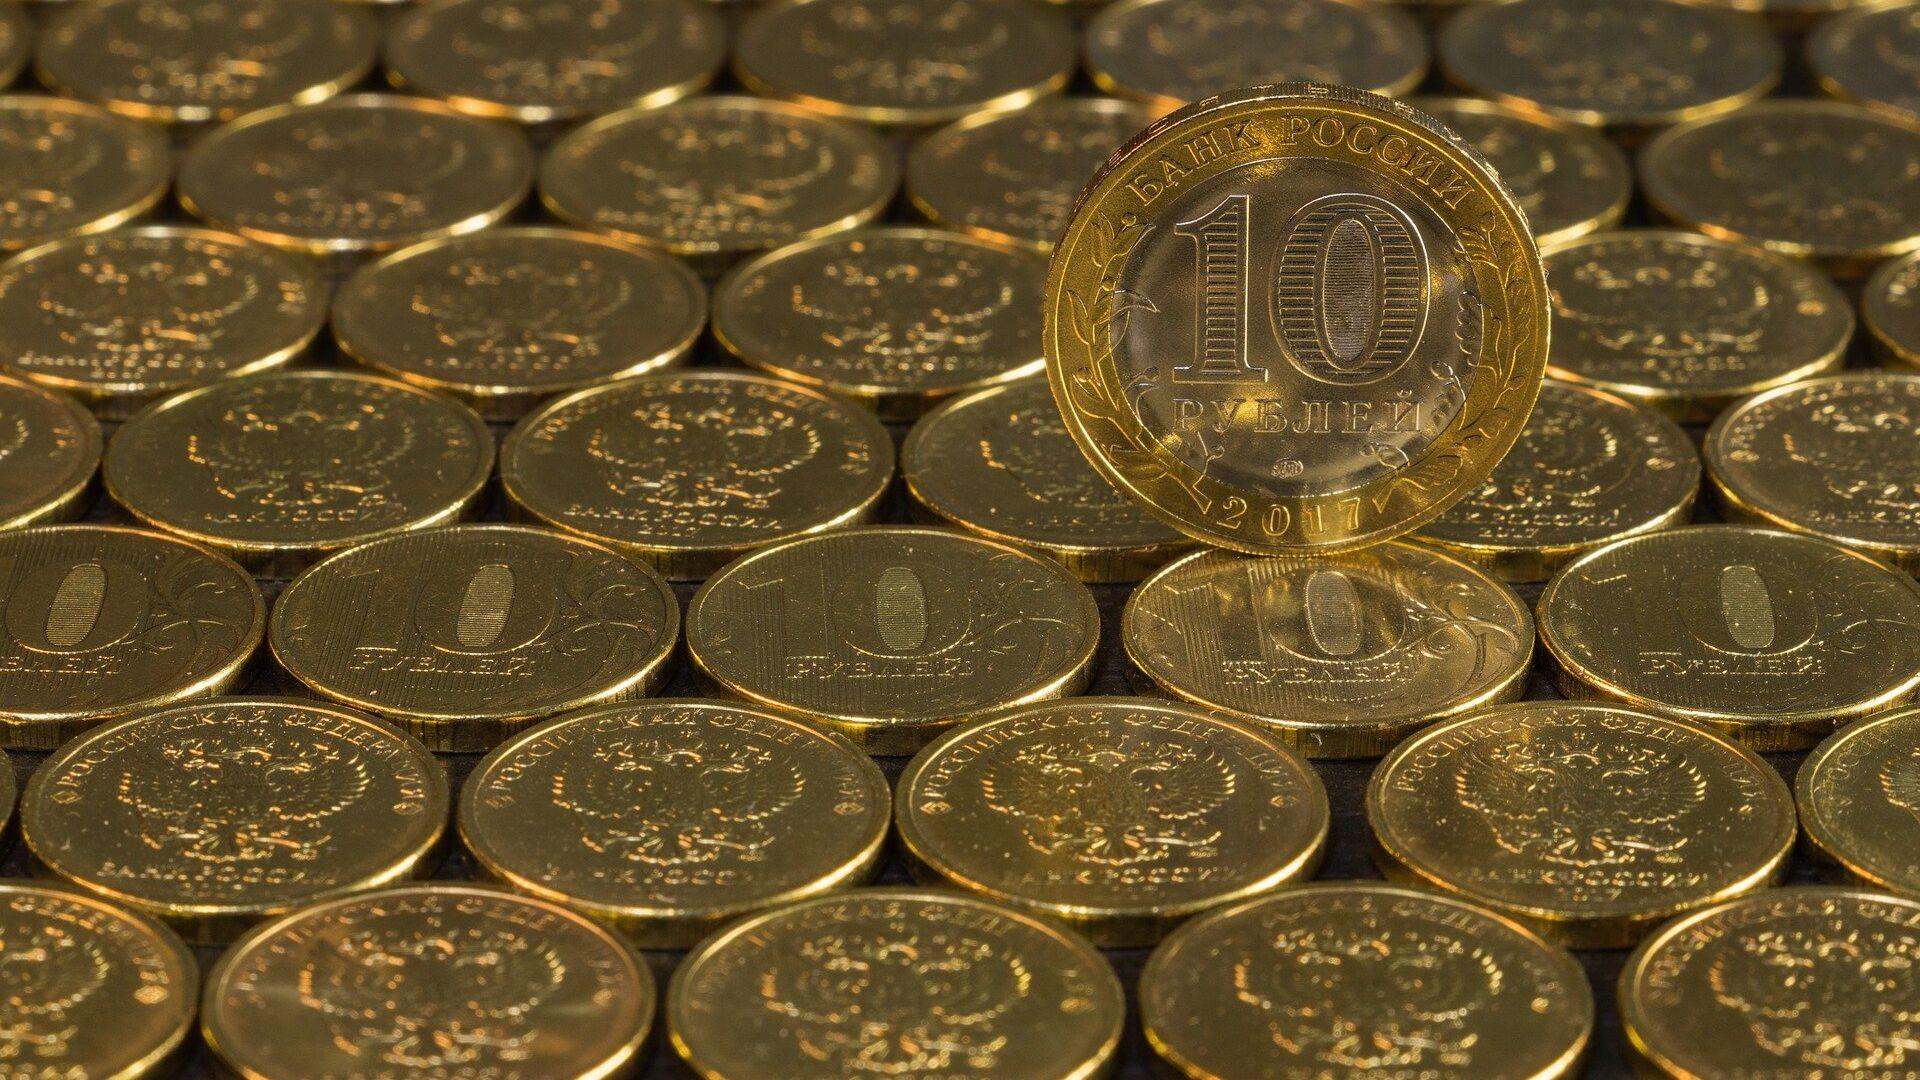 Монеты достоинством 10 рублей, архивное фото - Sputnik Таджикистан, 1920, 05.02.2021